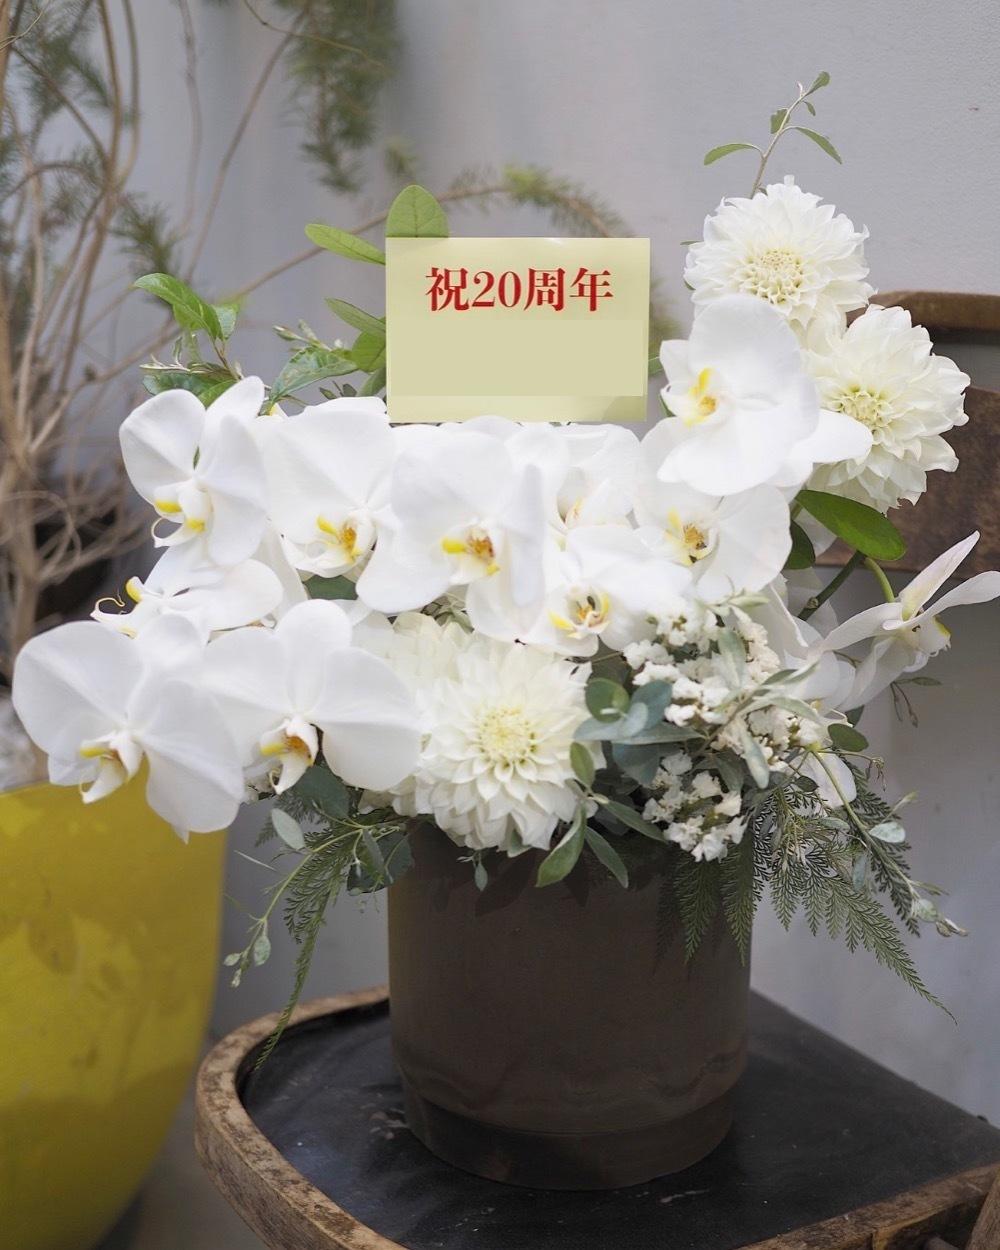 「お祝いと共に感謝の気持ちを伝えたい」胡蝶蘭が美しい周年祝い花